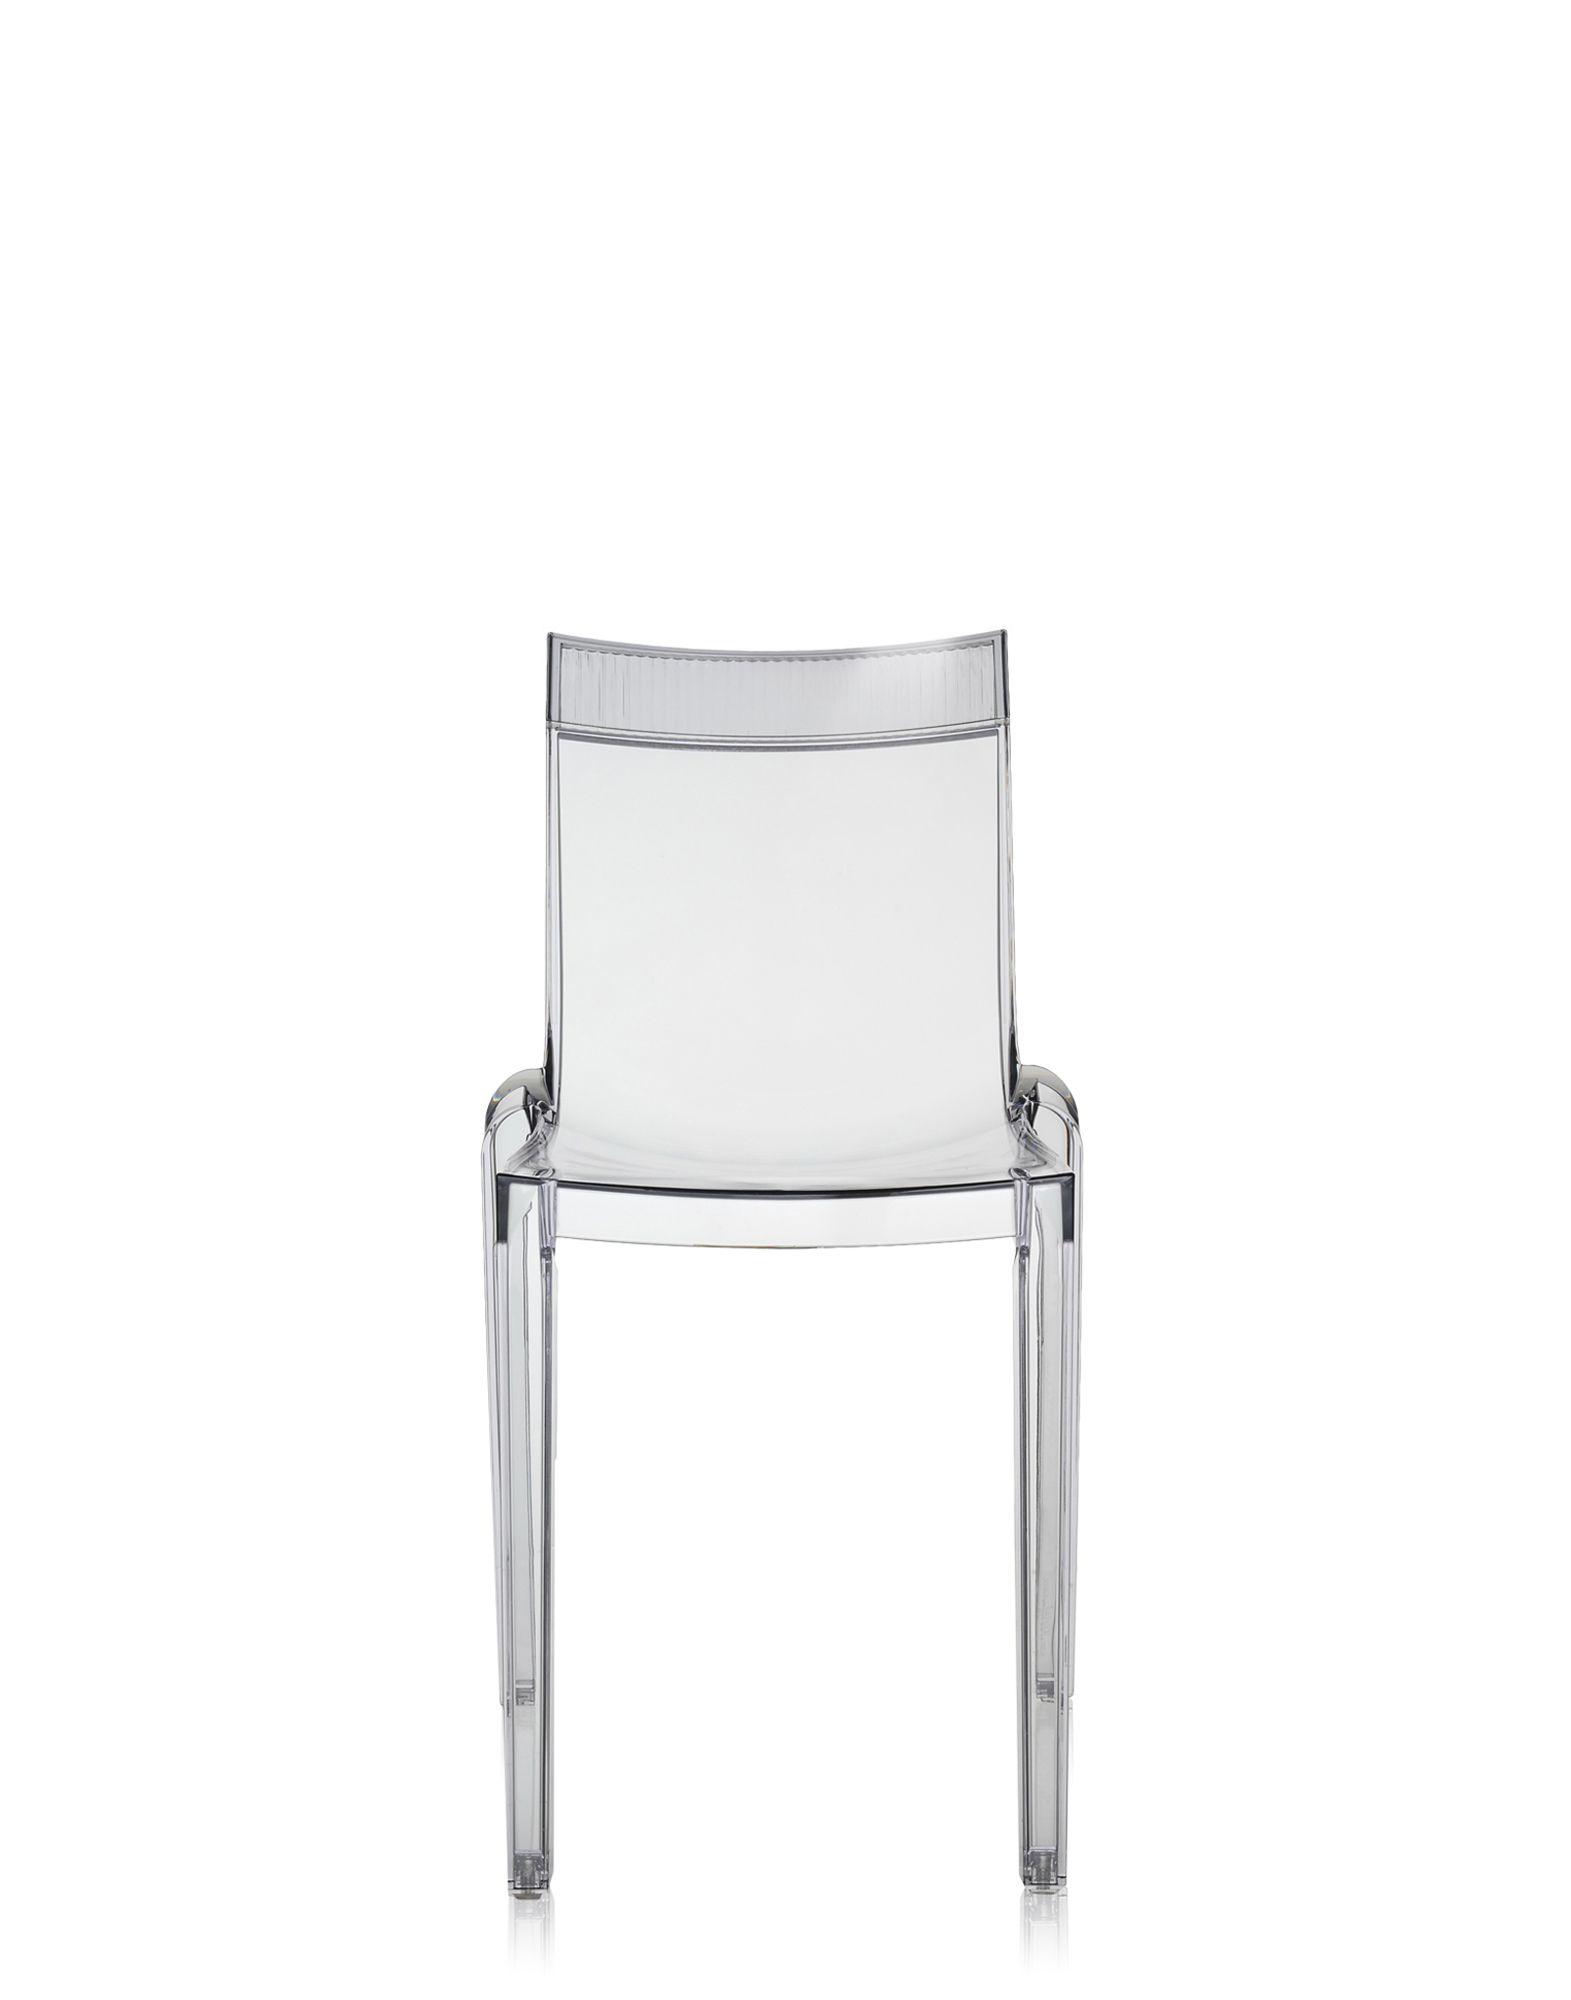 Kartell hi cut cristallo sedie design newformsdesign for Sedie design kartell